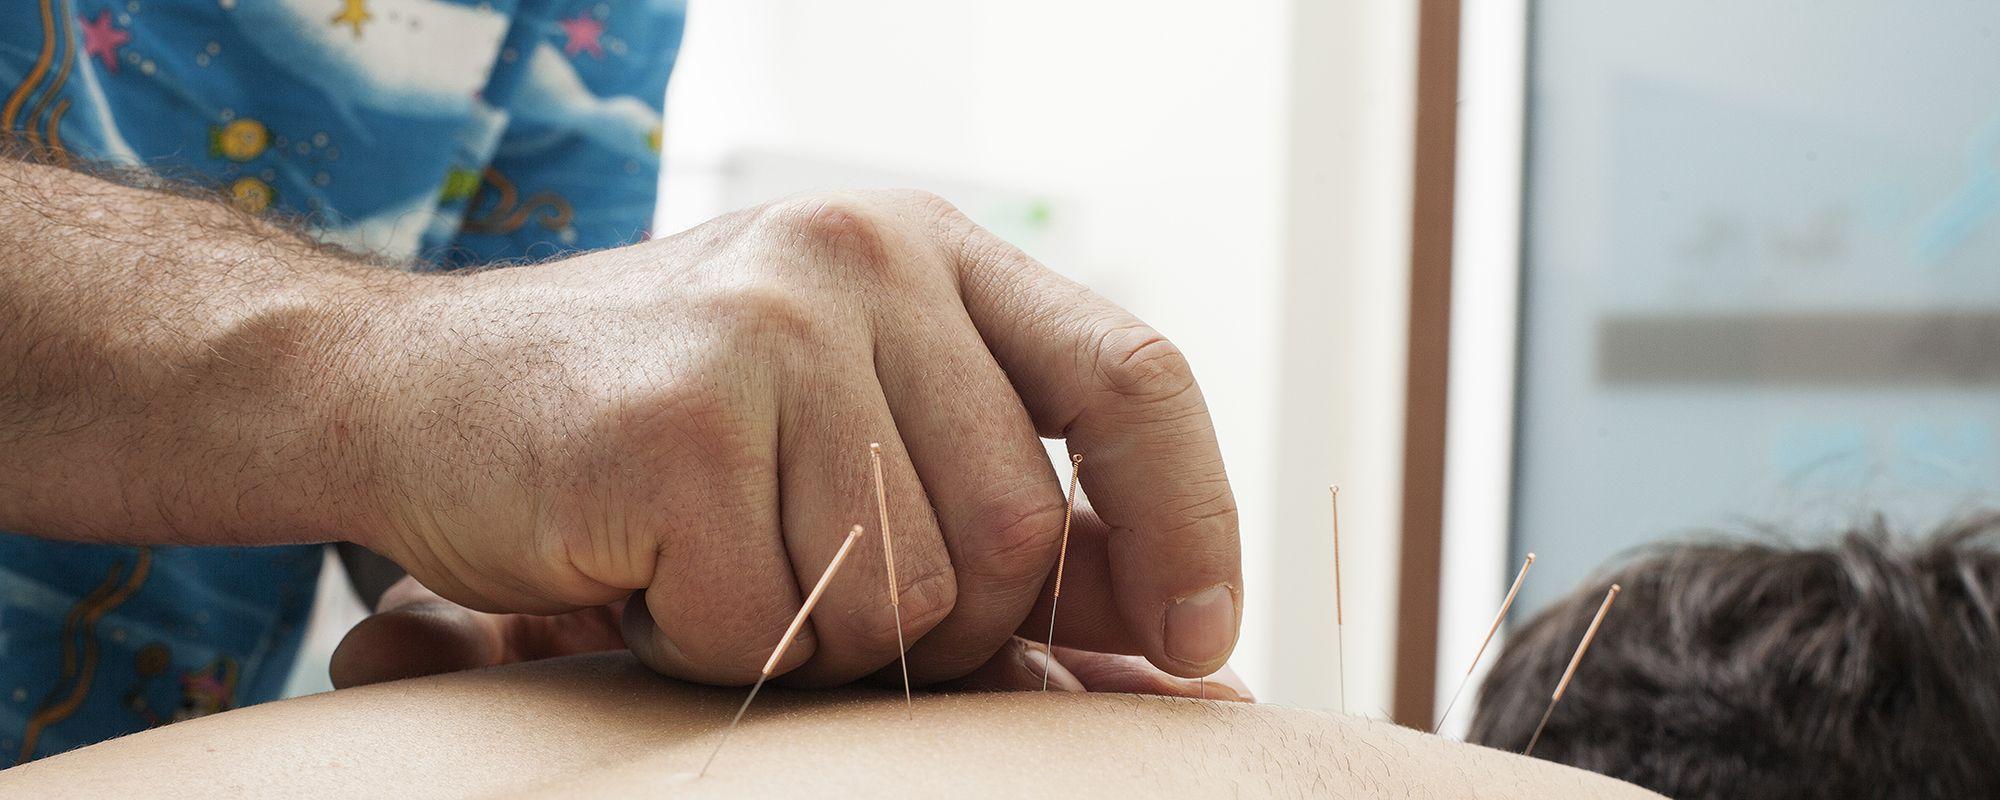 <br><br>Tecnología <span> <br> en <span> lesiones crónicas y dolor crónico <span> <b><span>